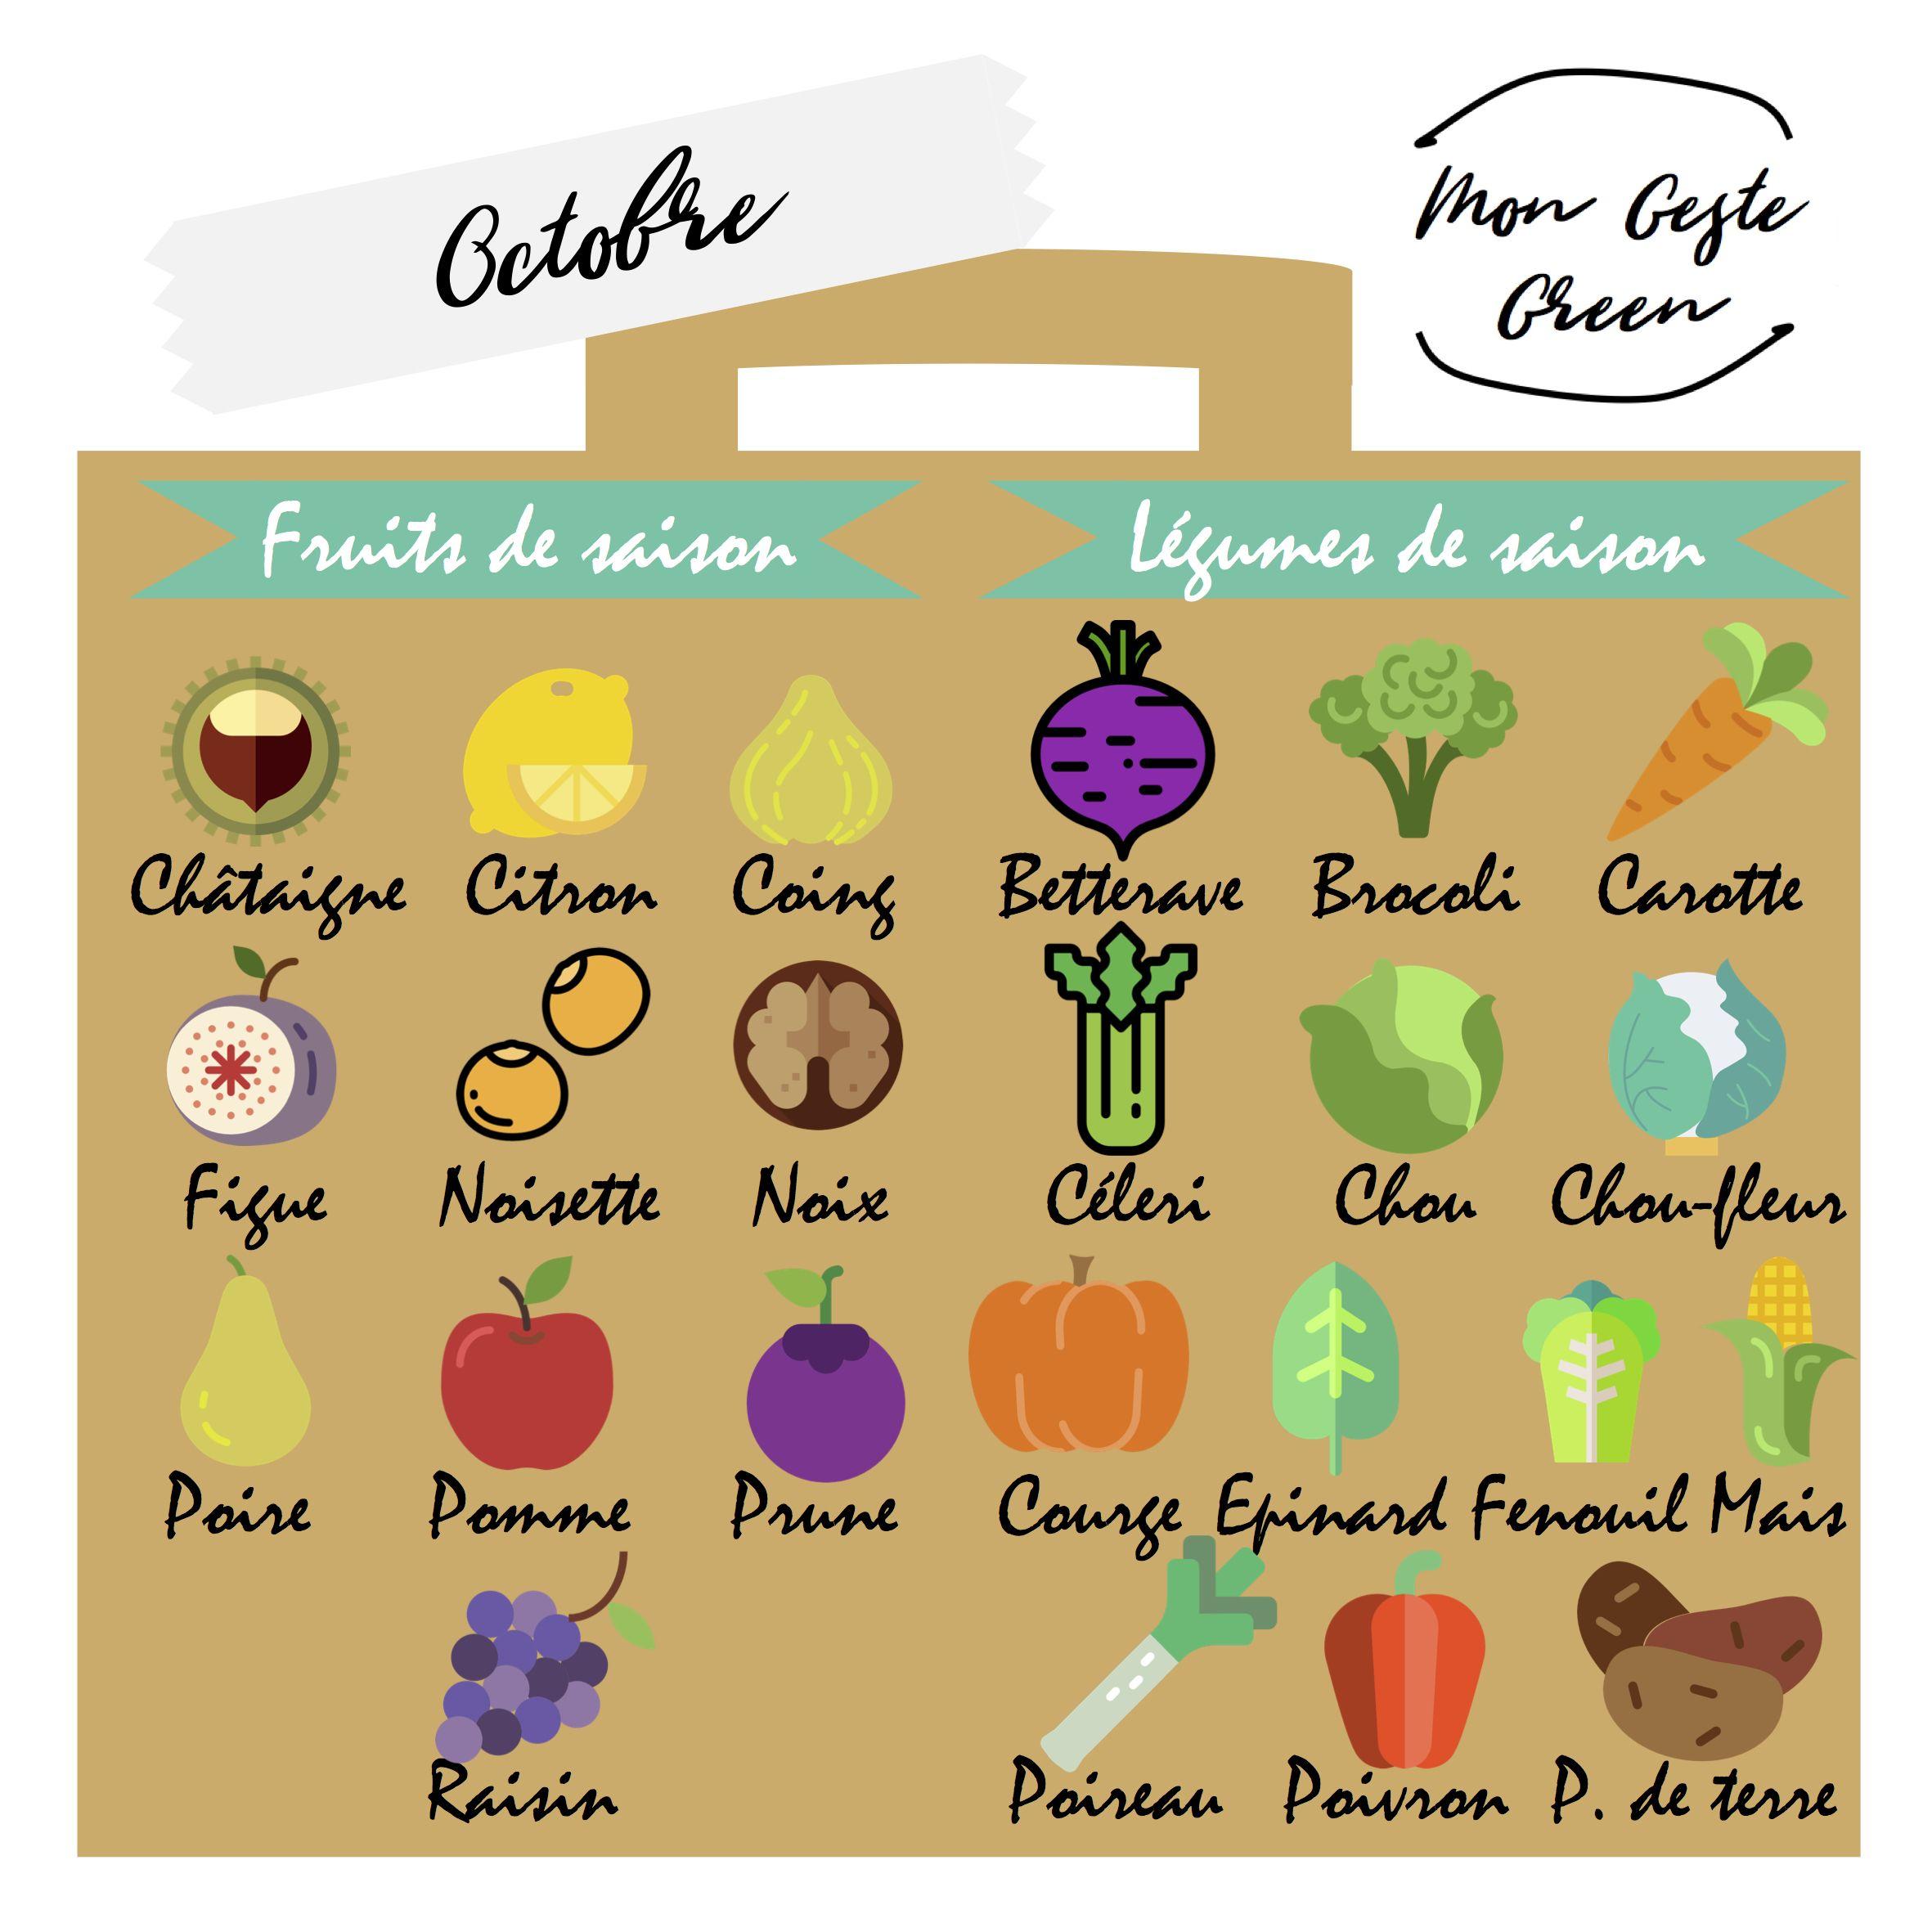 Calendrier Des Fruits Et Legumes De Saison Octobre Pour Chaque Mois De L Annee Un Aimant Vous Rappelle Sur Votre Refrigerateur Les Fruits Et L Etsy Food Map